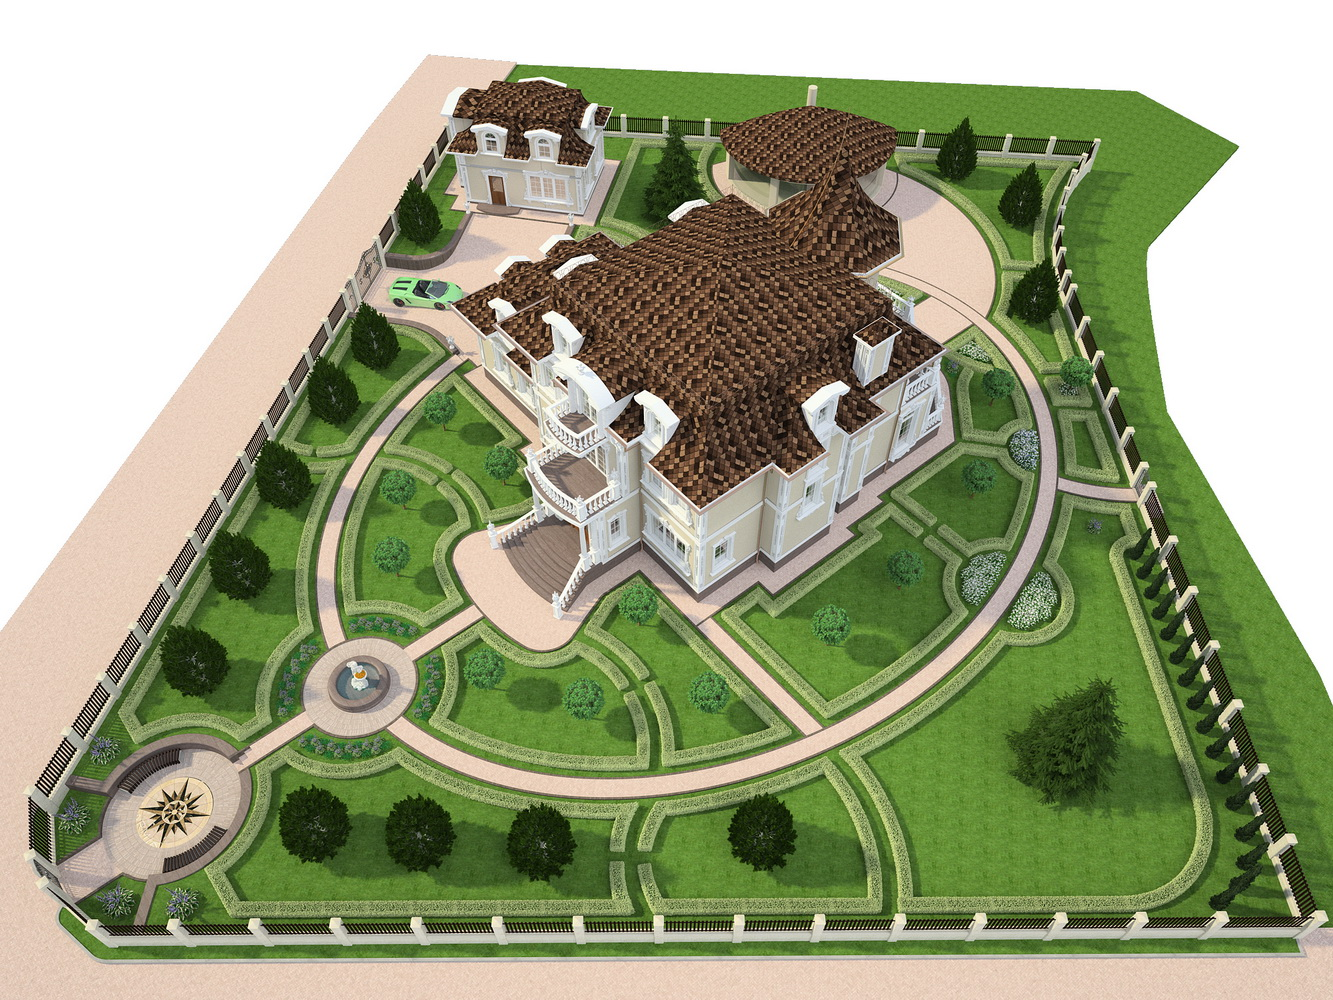 Проект благоустройства участка в соответсвии со стилистикой основного дома. 3Д визуализация